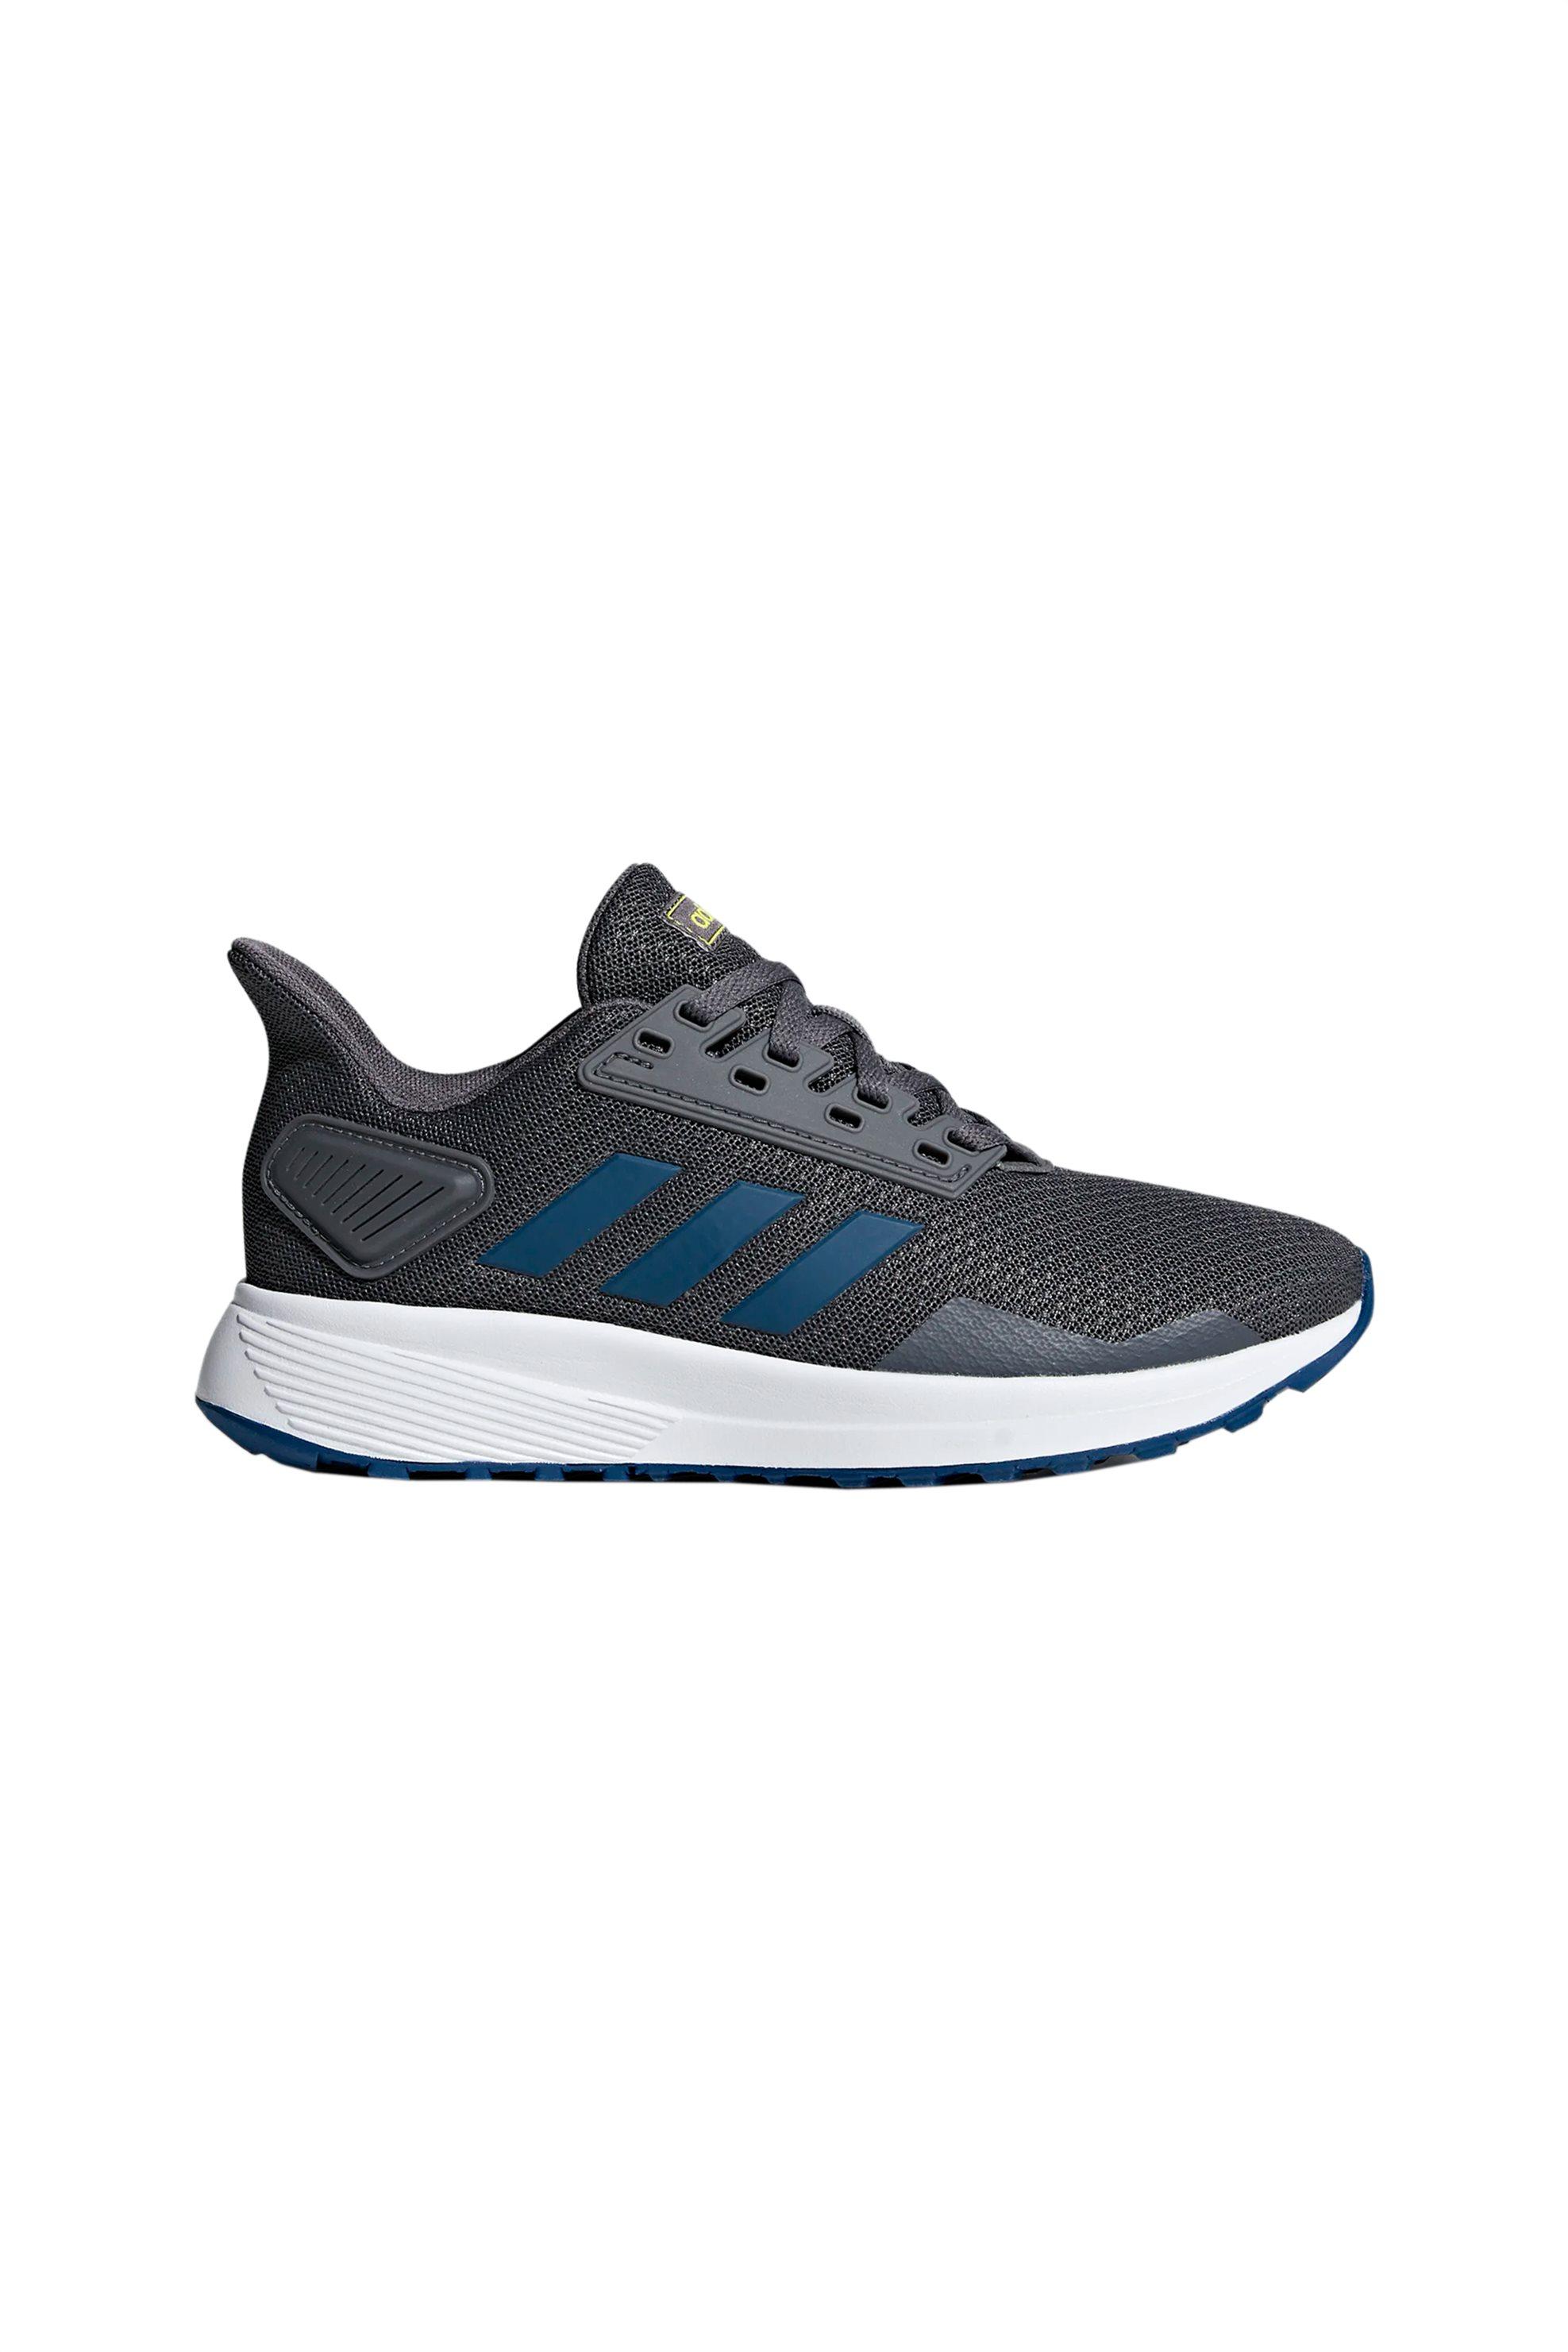 3dc2e2a1edd Notos Adidas παιδικά αθλητικά παπούτσια Duramo 9 – F35103 – Ανθρακί